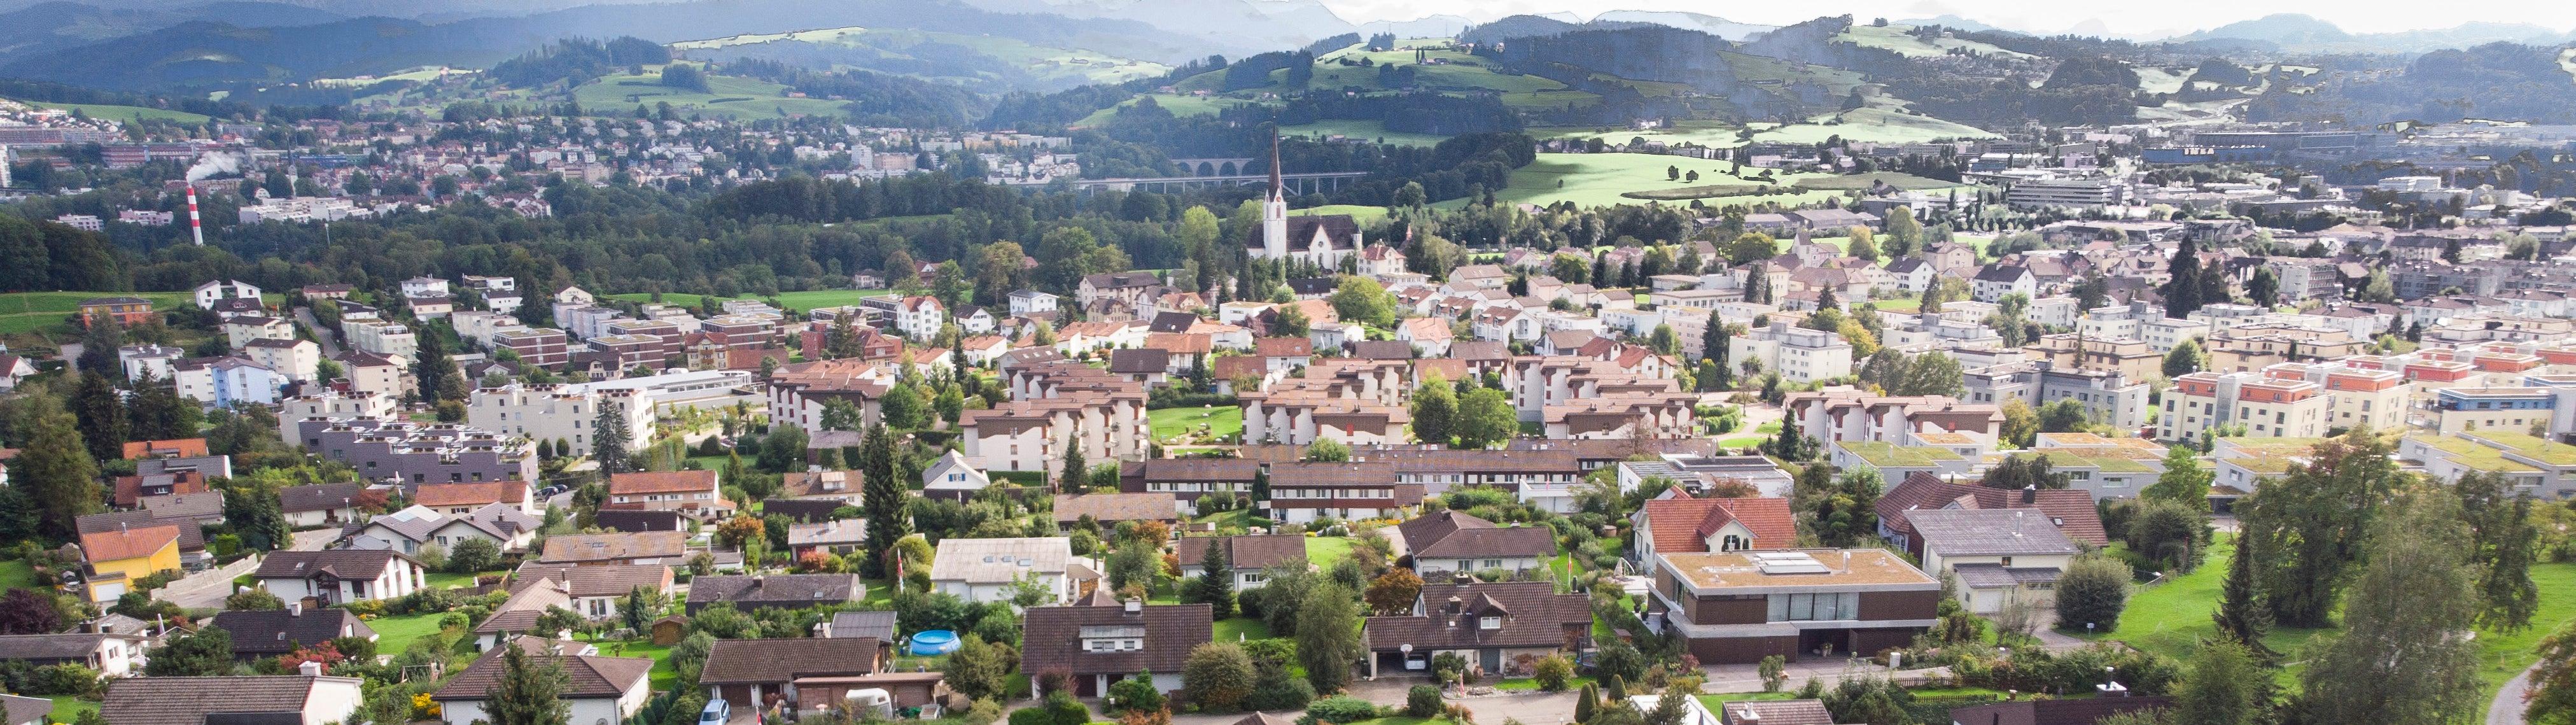 Gaiserwald